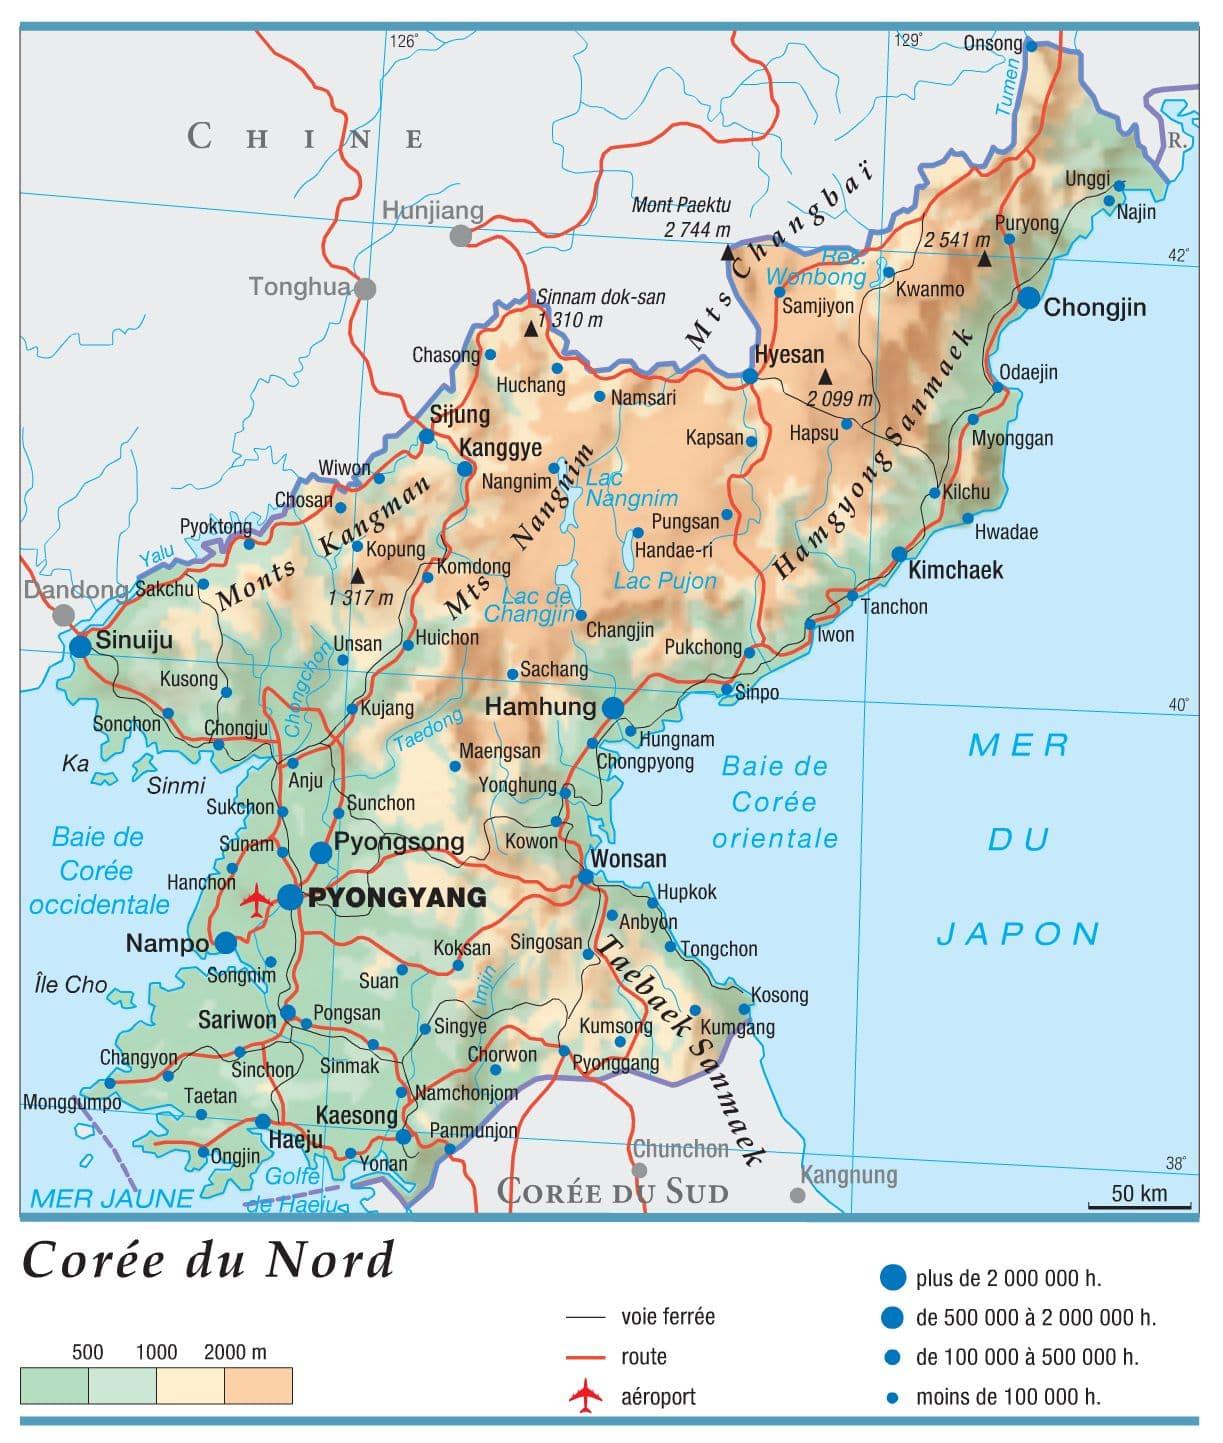 Encyclopédie Larousse en ligne   Corée du Nord